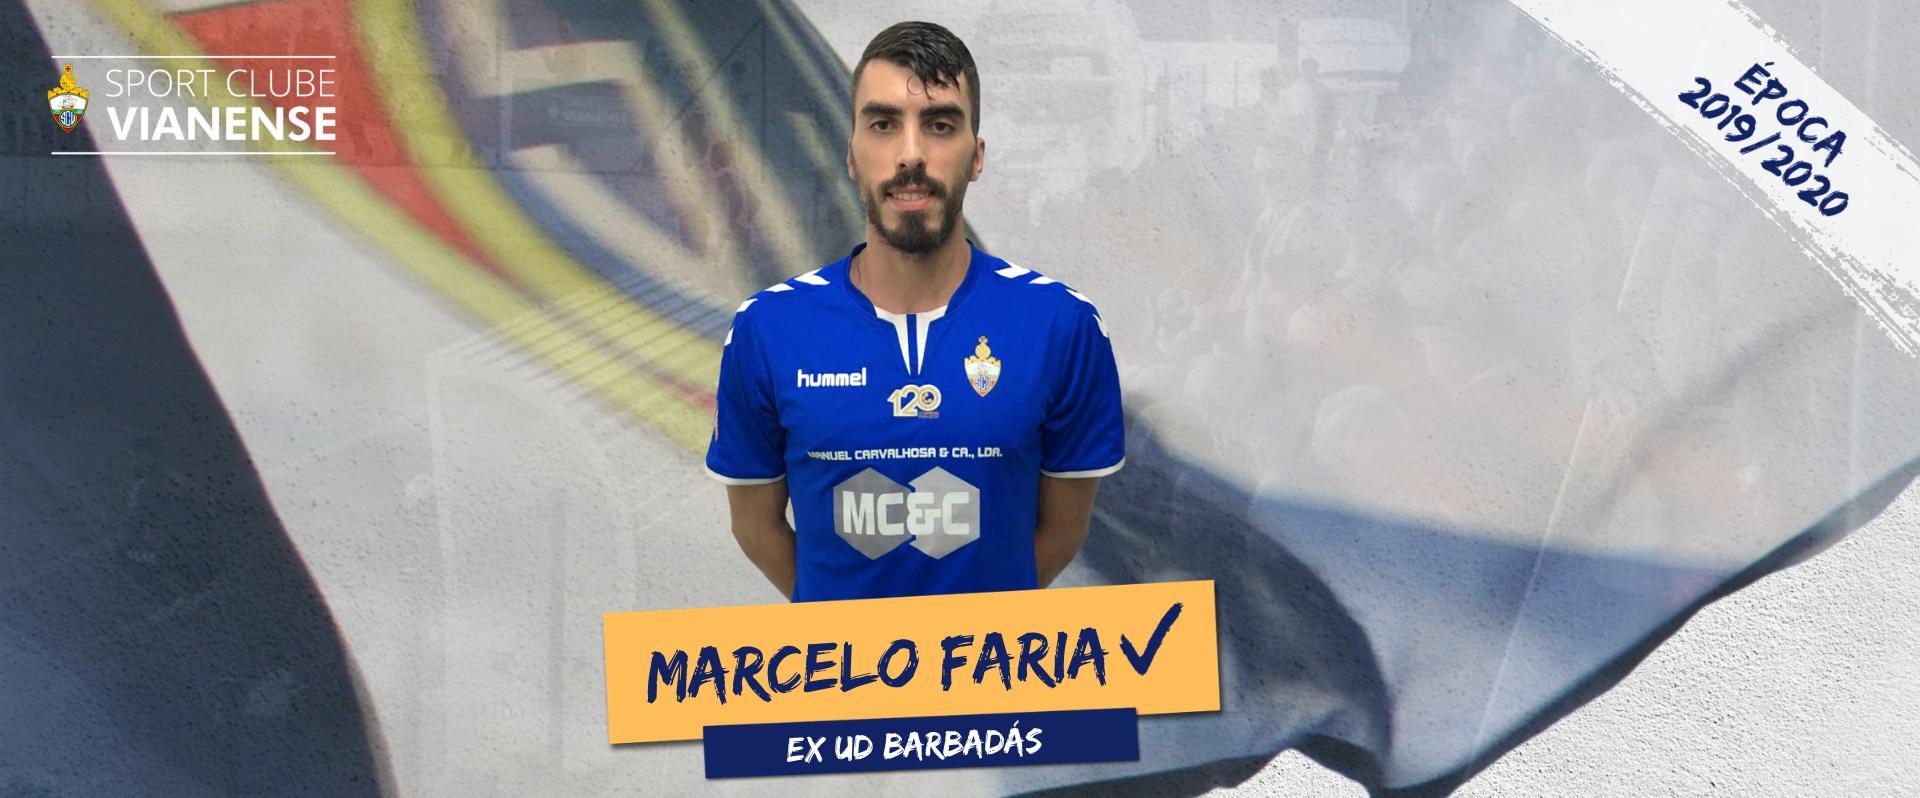 Marcelo é jogador do SC Vianense!